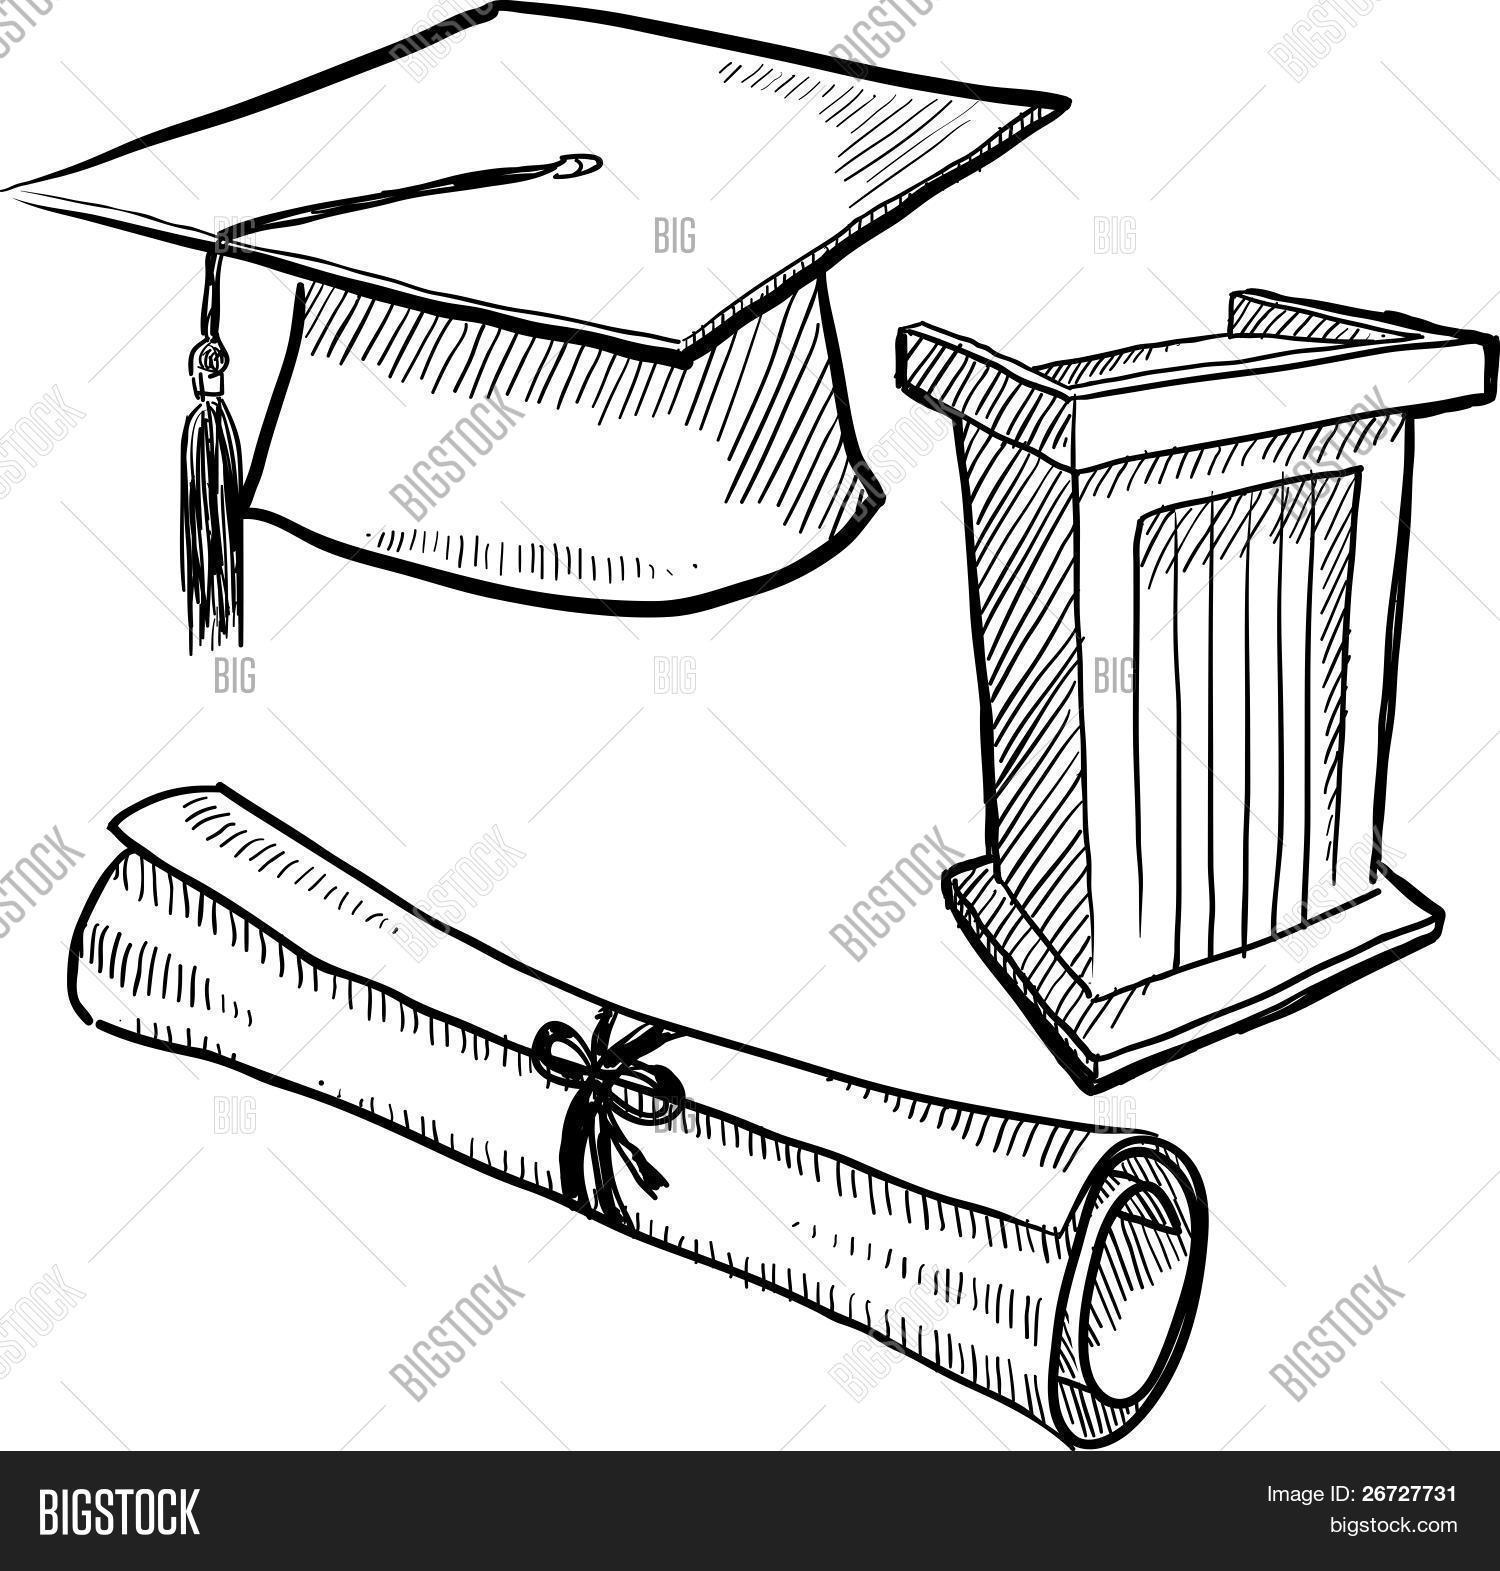 Desenho de objetos de graduação Bancos de Vetores & Bancos